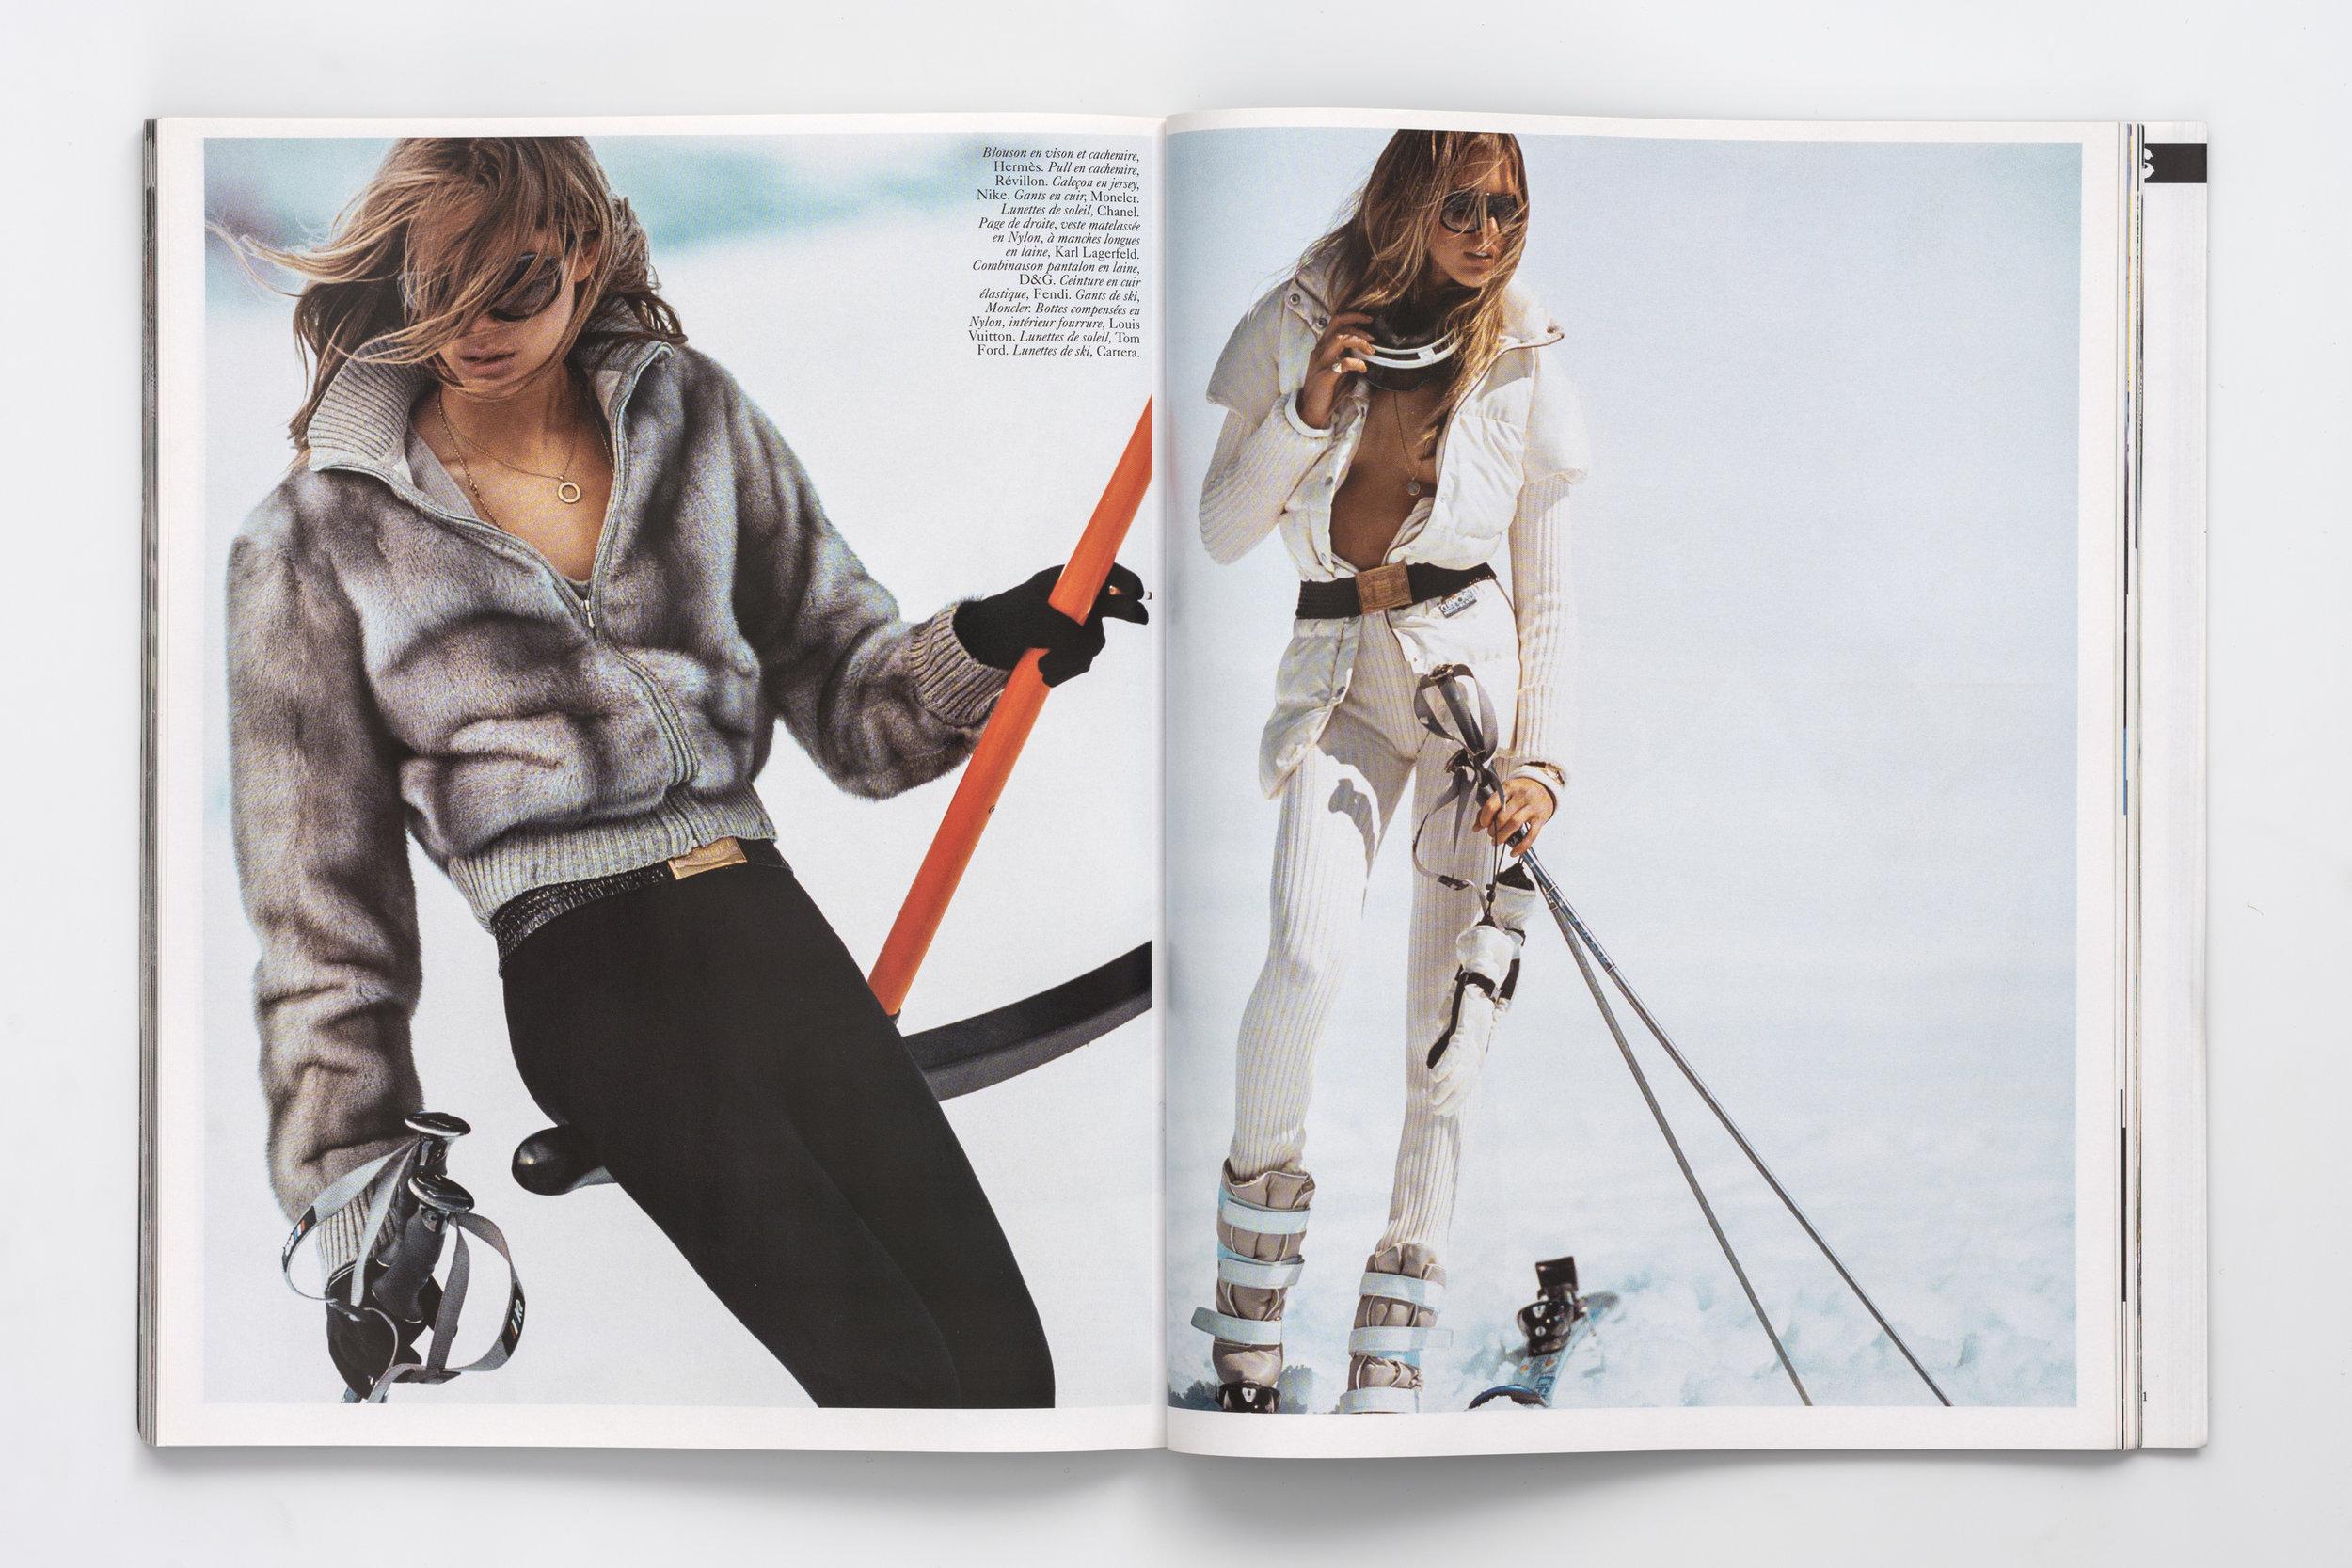 Iselin Steiro_Mikael Jansson_Vogue Paris_Hors Piste_4.jpg